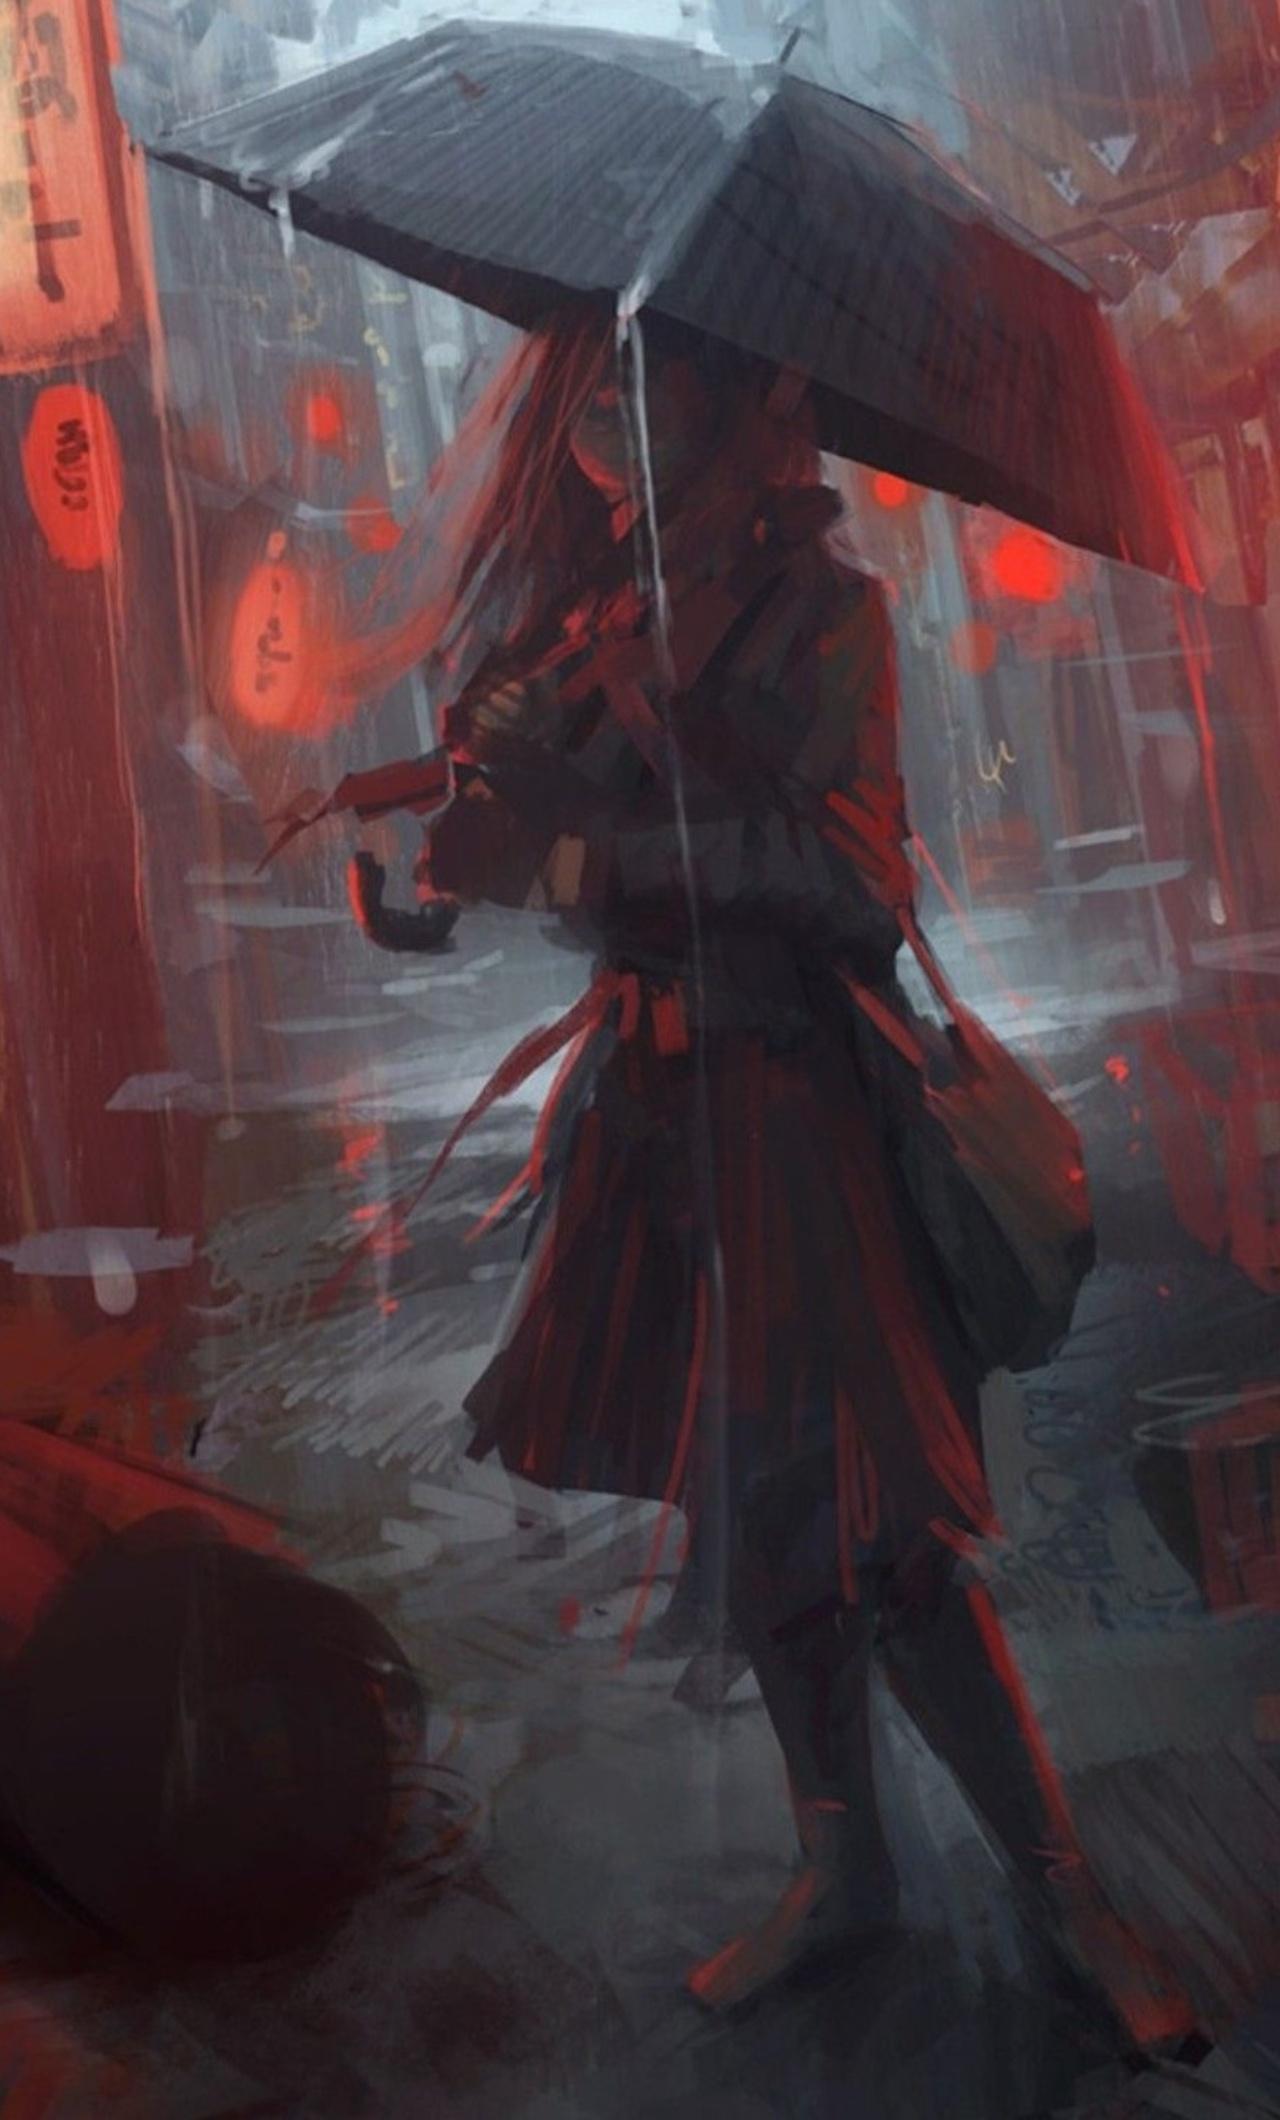 1280x2120 Anime Girl In Rain iPhone 6+ HD 4k Wallpapers ...